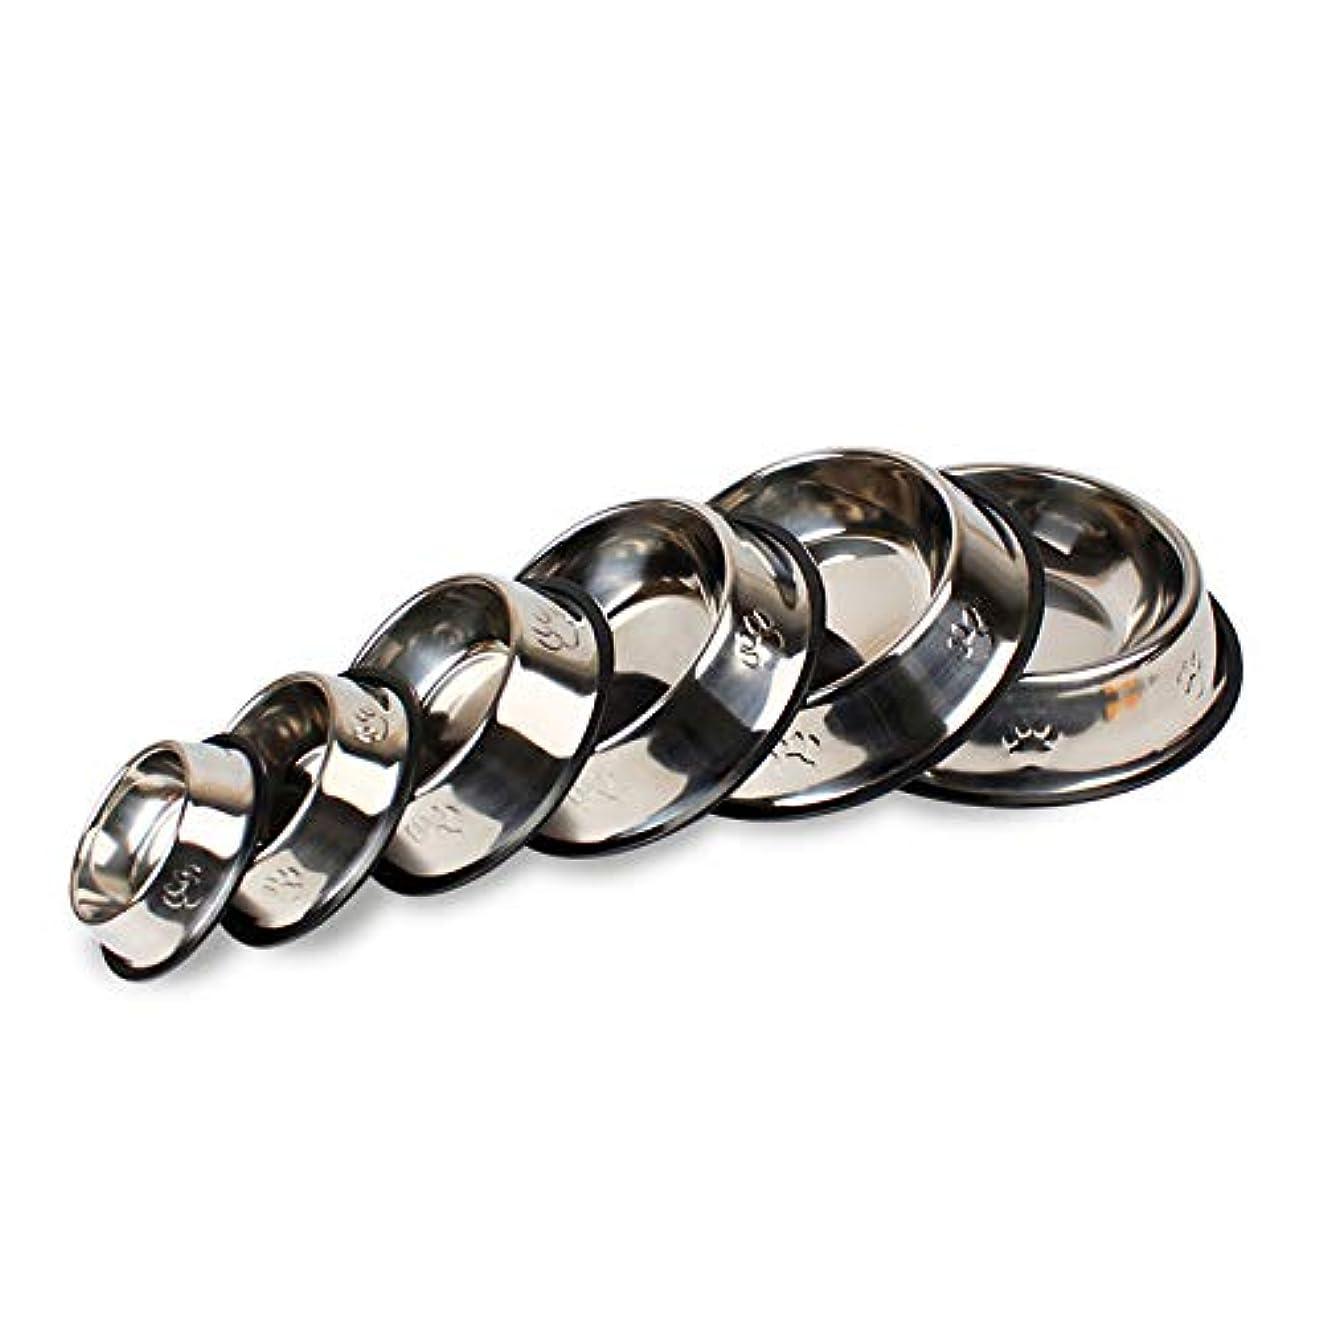 LIFEHoomall 1ピースステンレス鋼ペットボウル用犬子犬猫食品水犬フィーダペットアクセサリー給餌料理犬ボウル6サイズペット食器